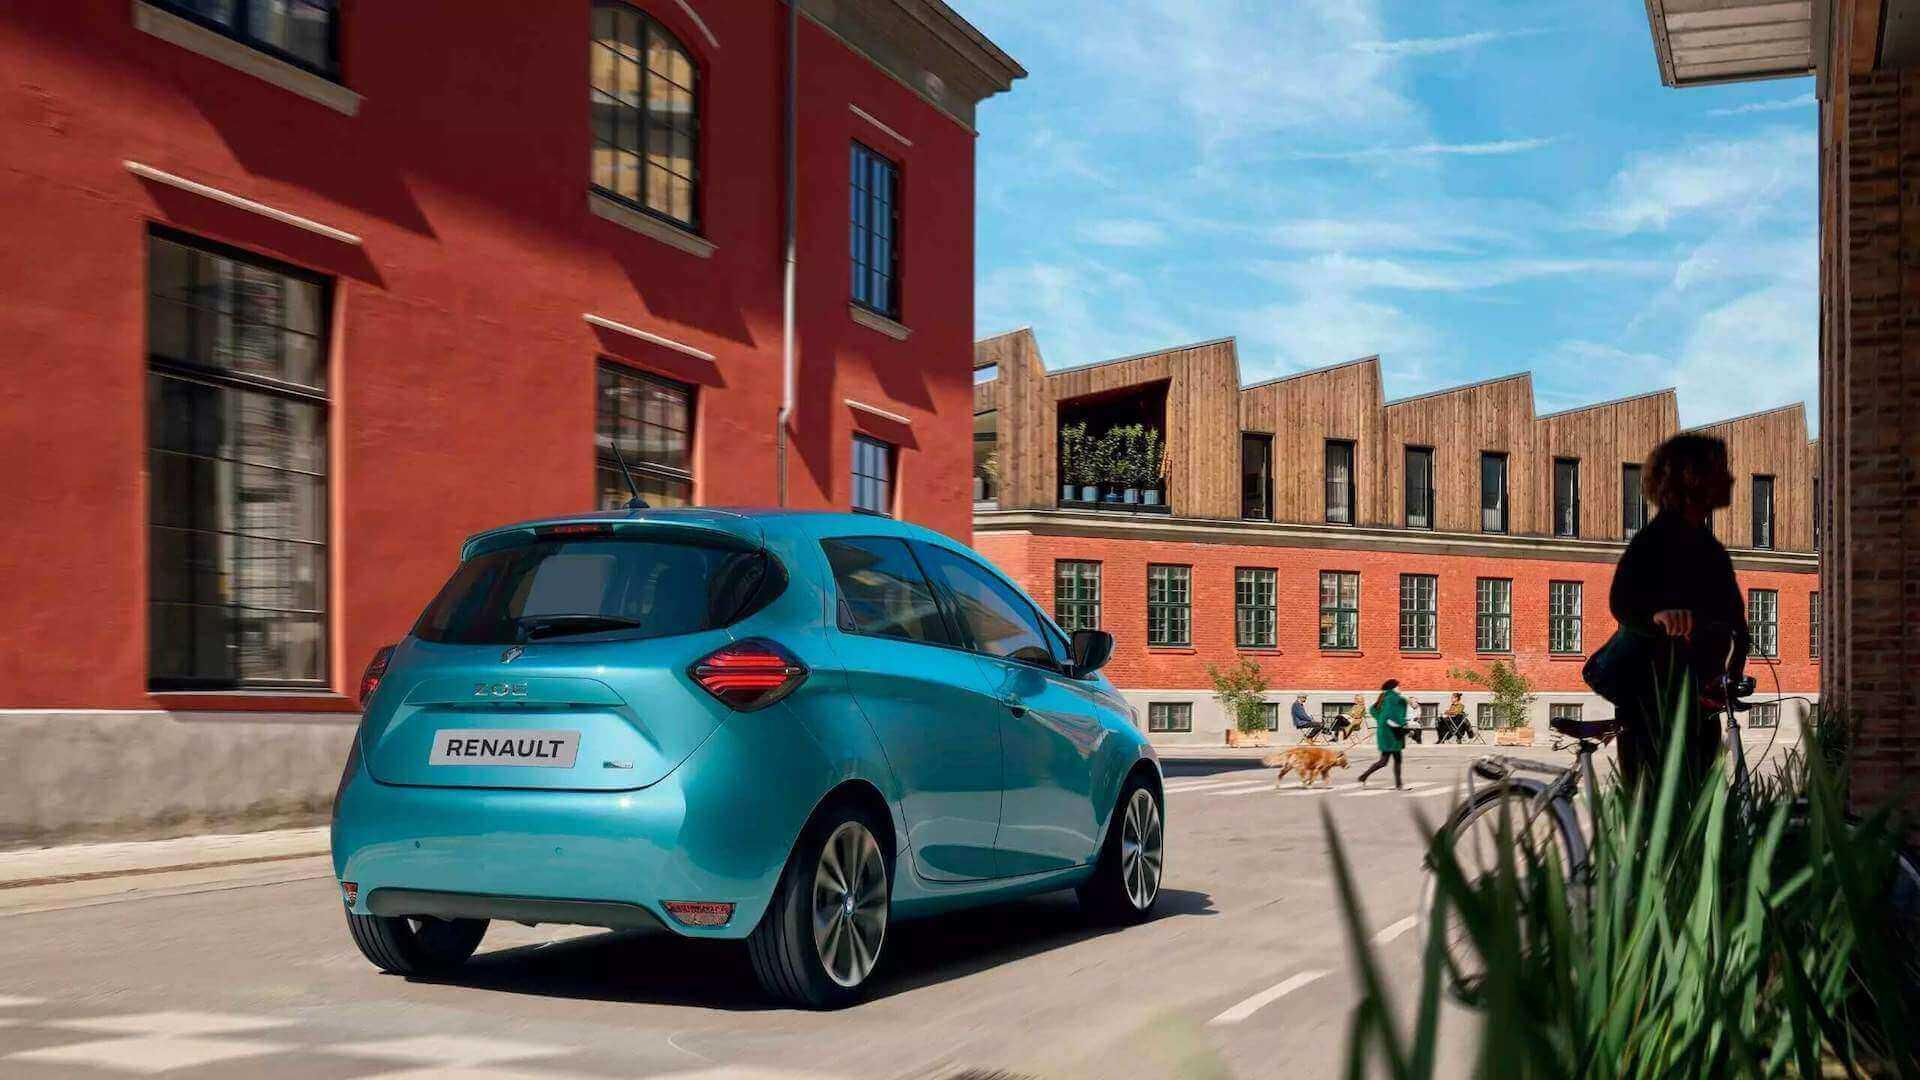 Renault Zoe türkis - Heckansicht- auf einer Straße mit roten Gebäuden im Hintergrund - Renault Ahrens Hannover